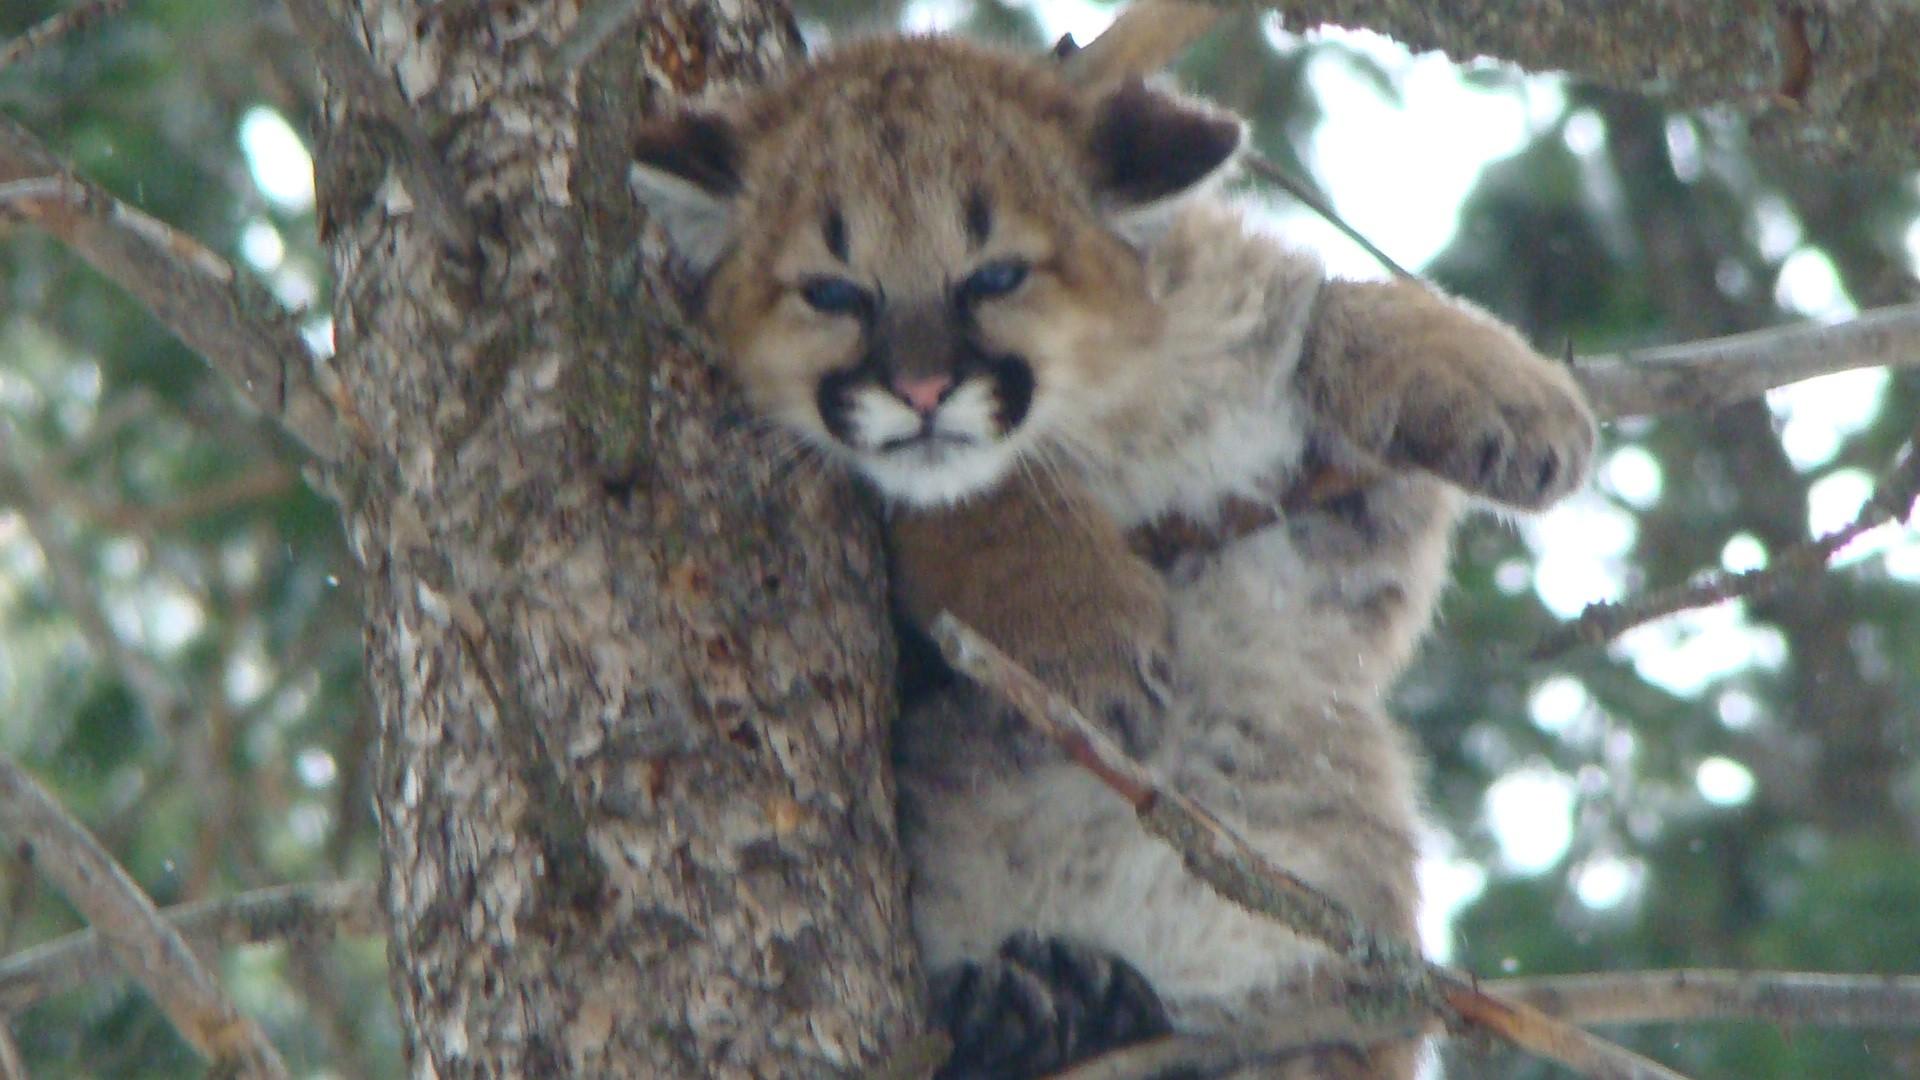 Baby Mountain Lion Hd Wallpaper